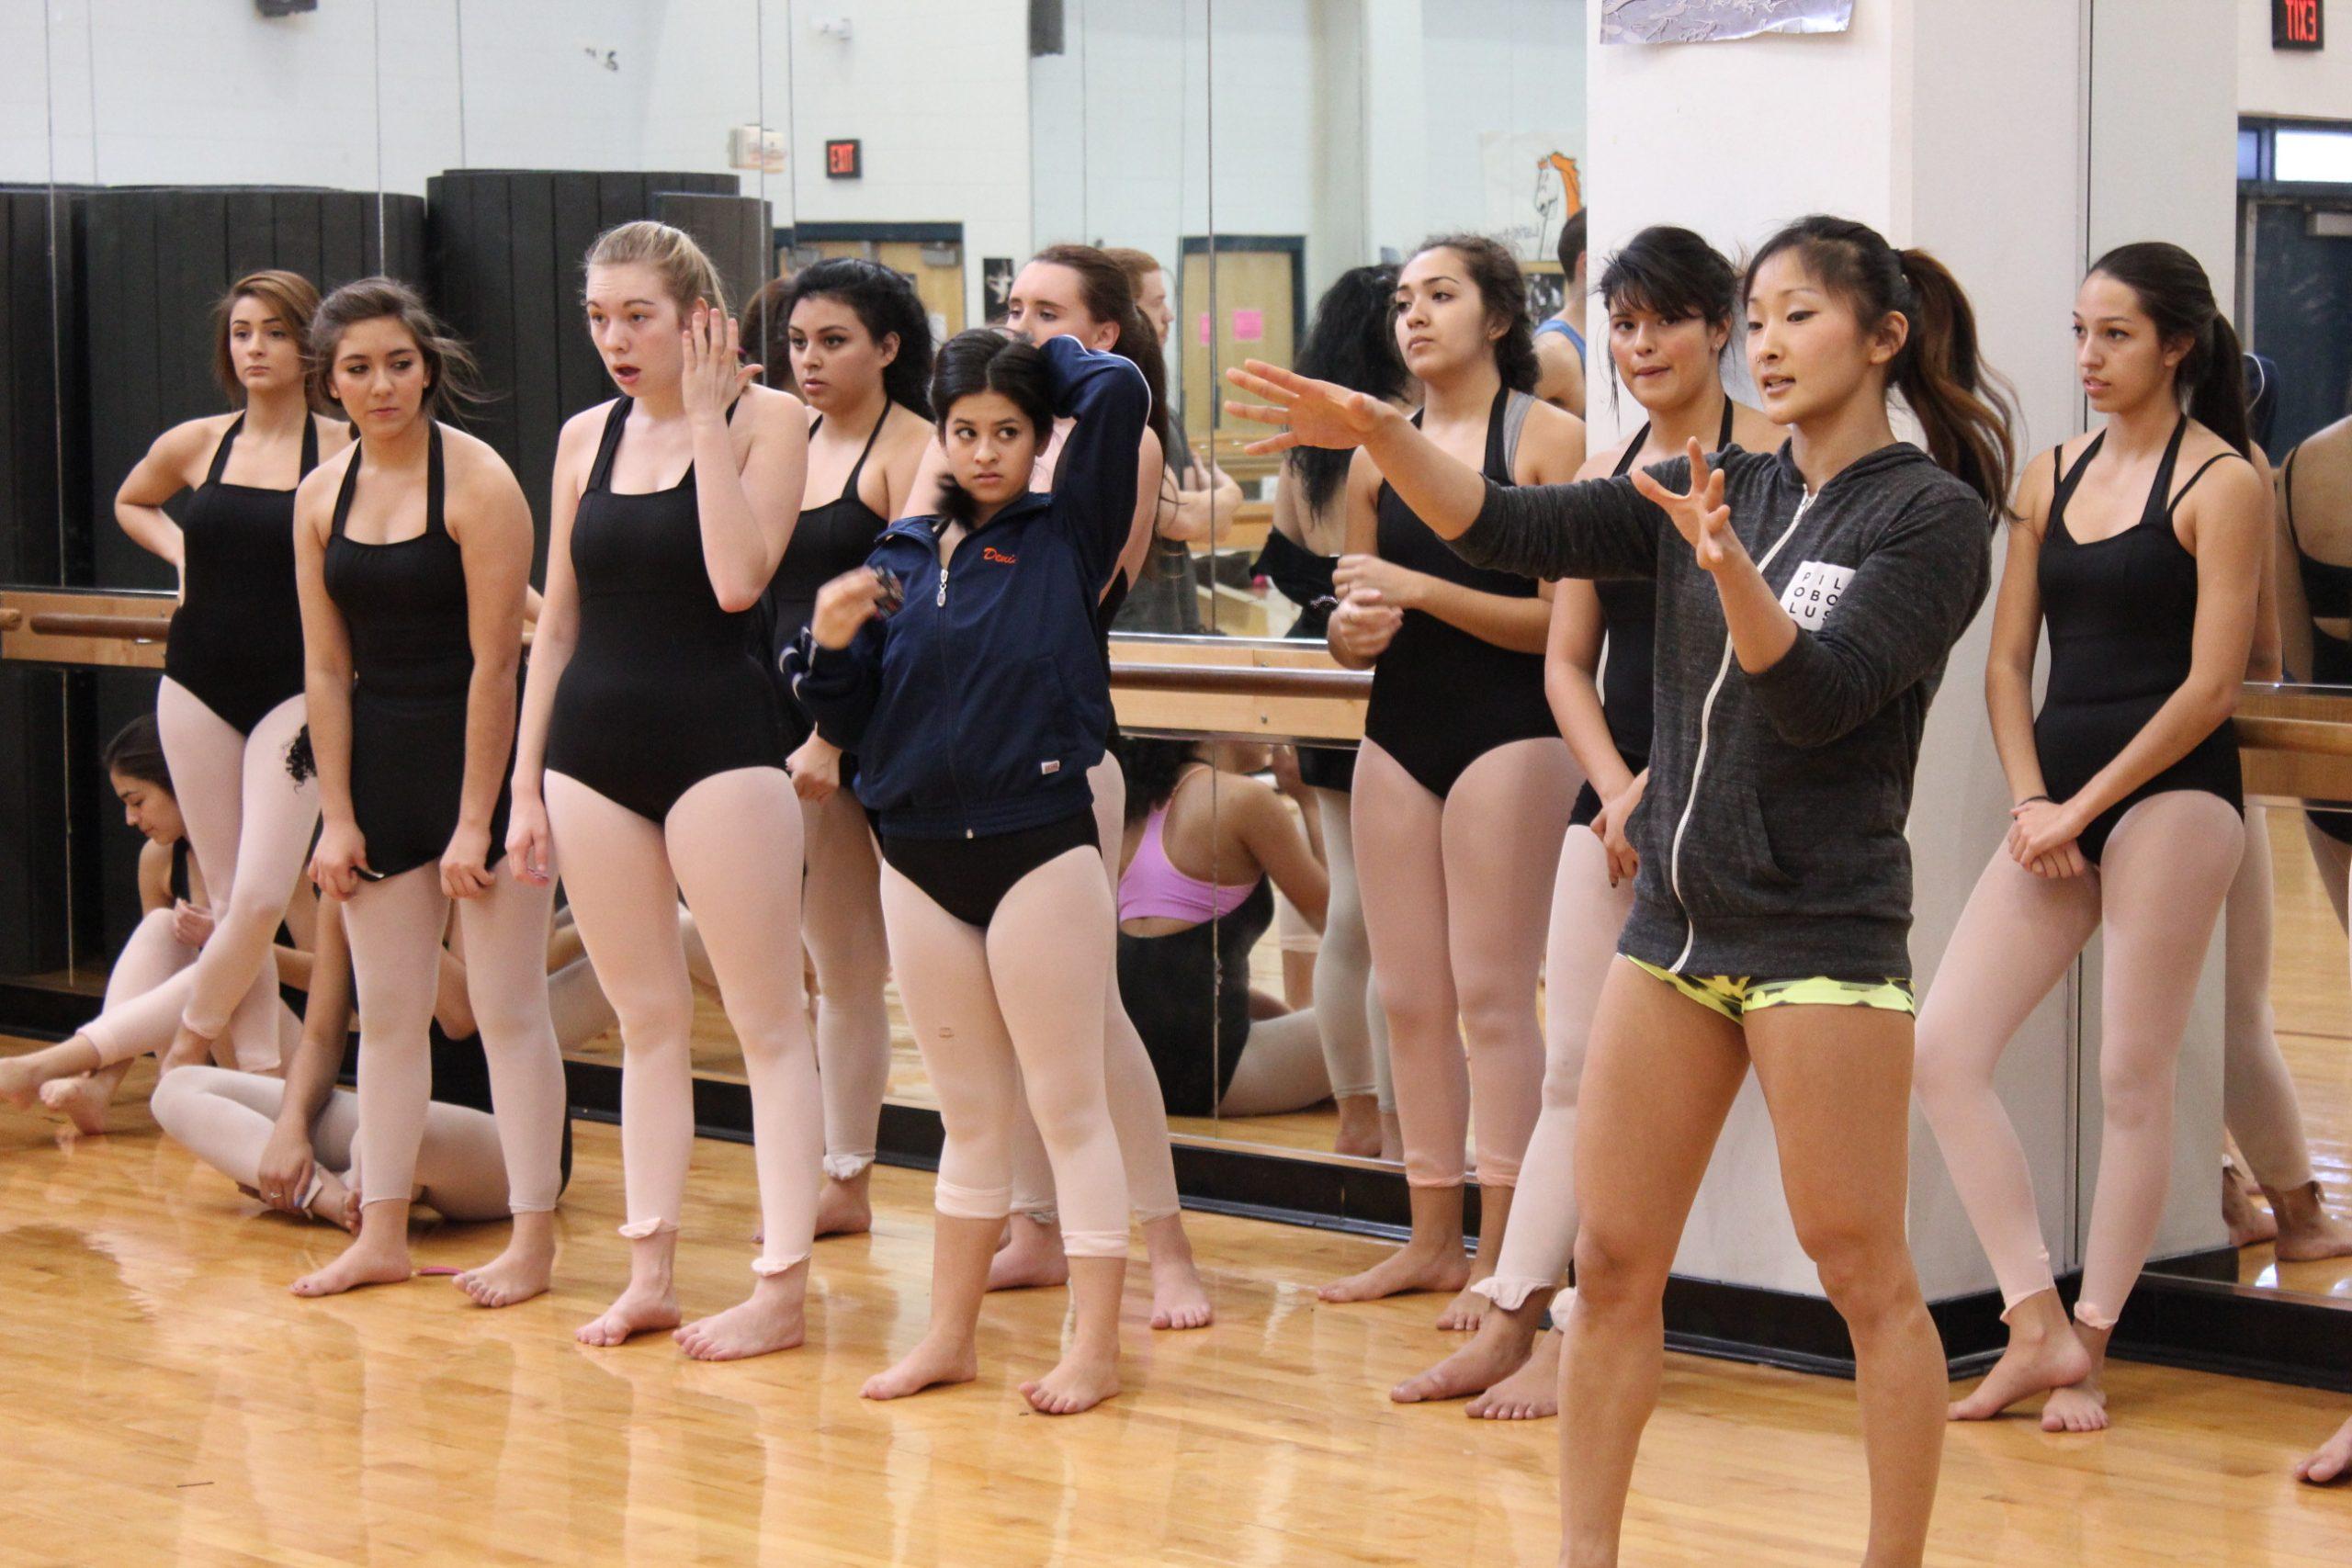 Pilobolus Dancers teach a master class at Brandeis High School before their performance in San Antonio. Photo Melanie Robinson.